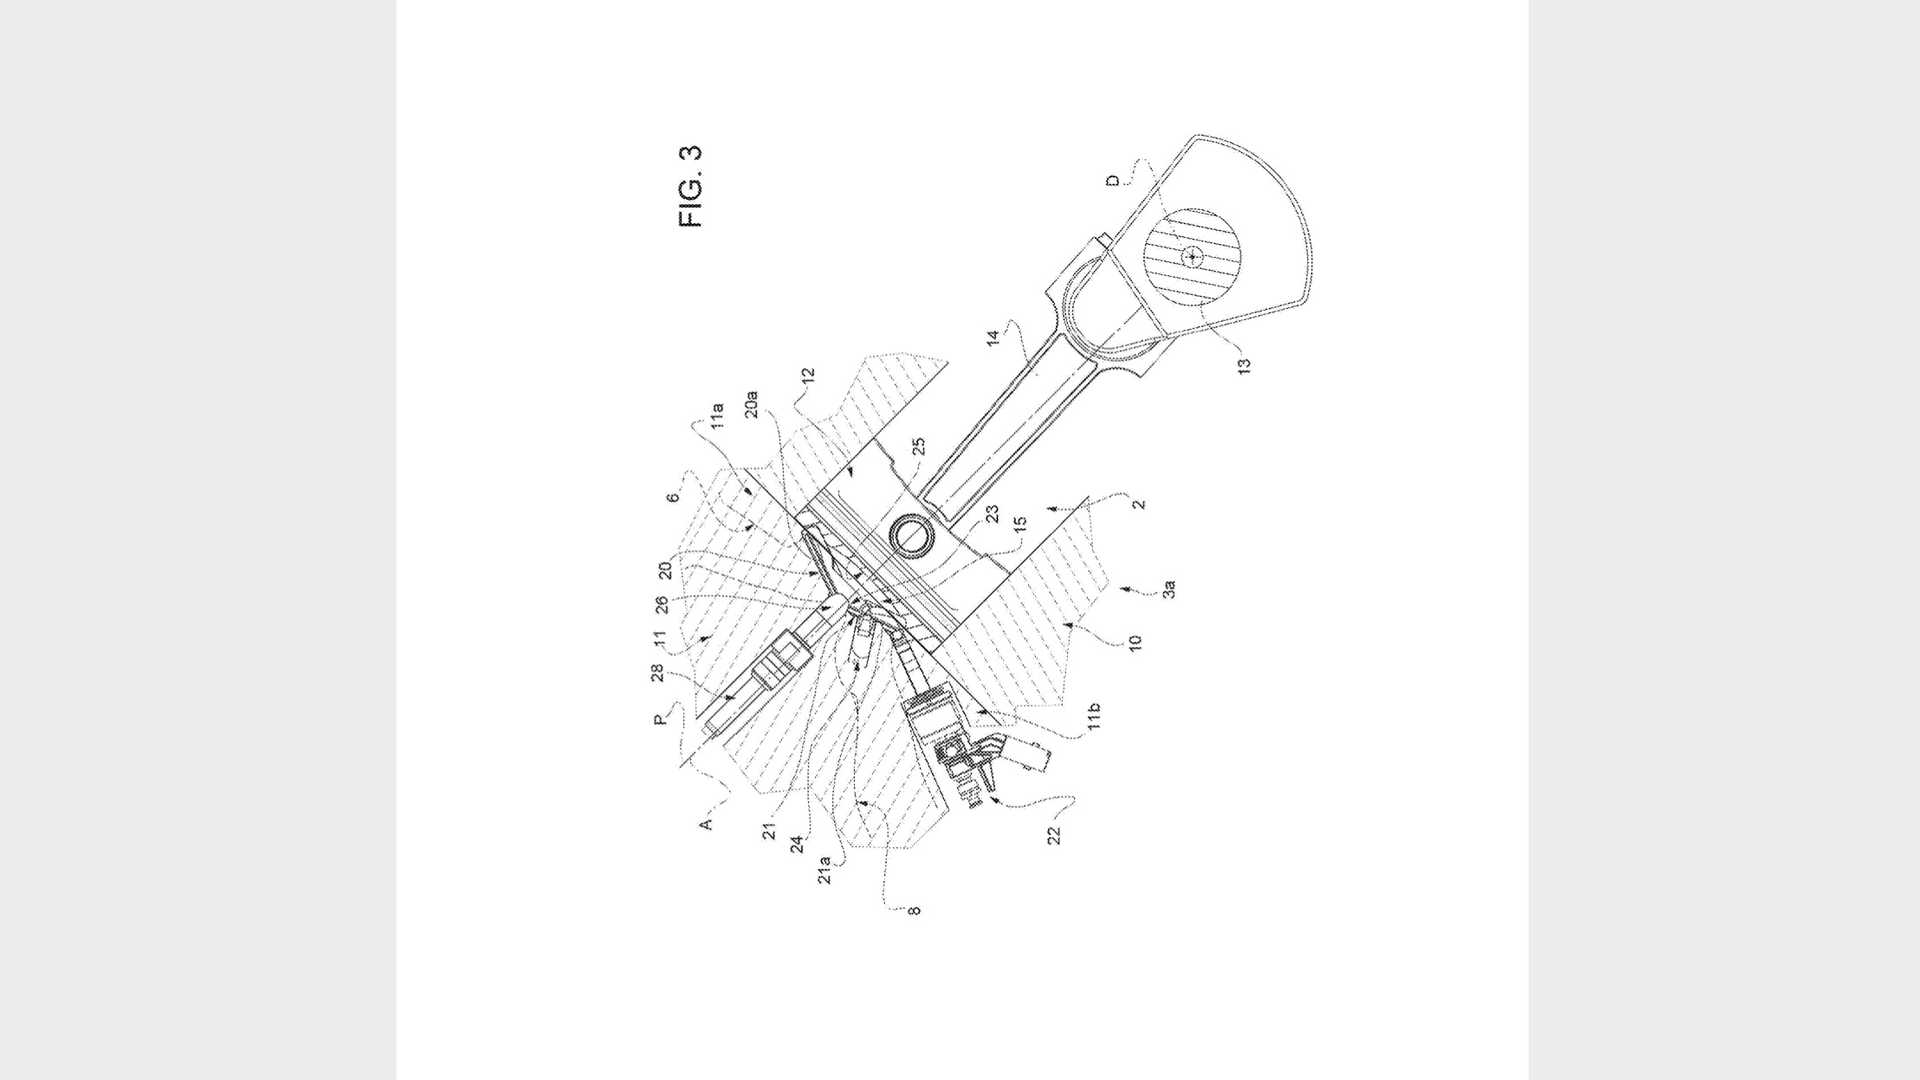 Ferrari-V12-engine-patent-3